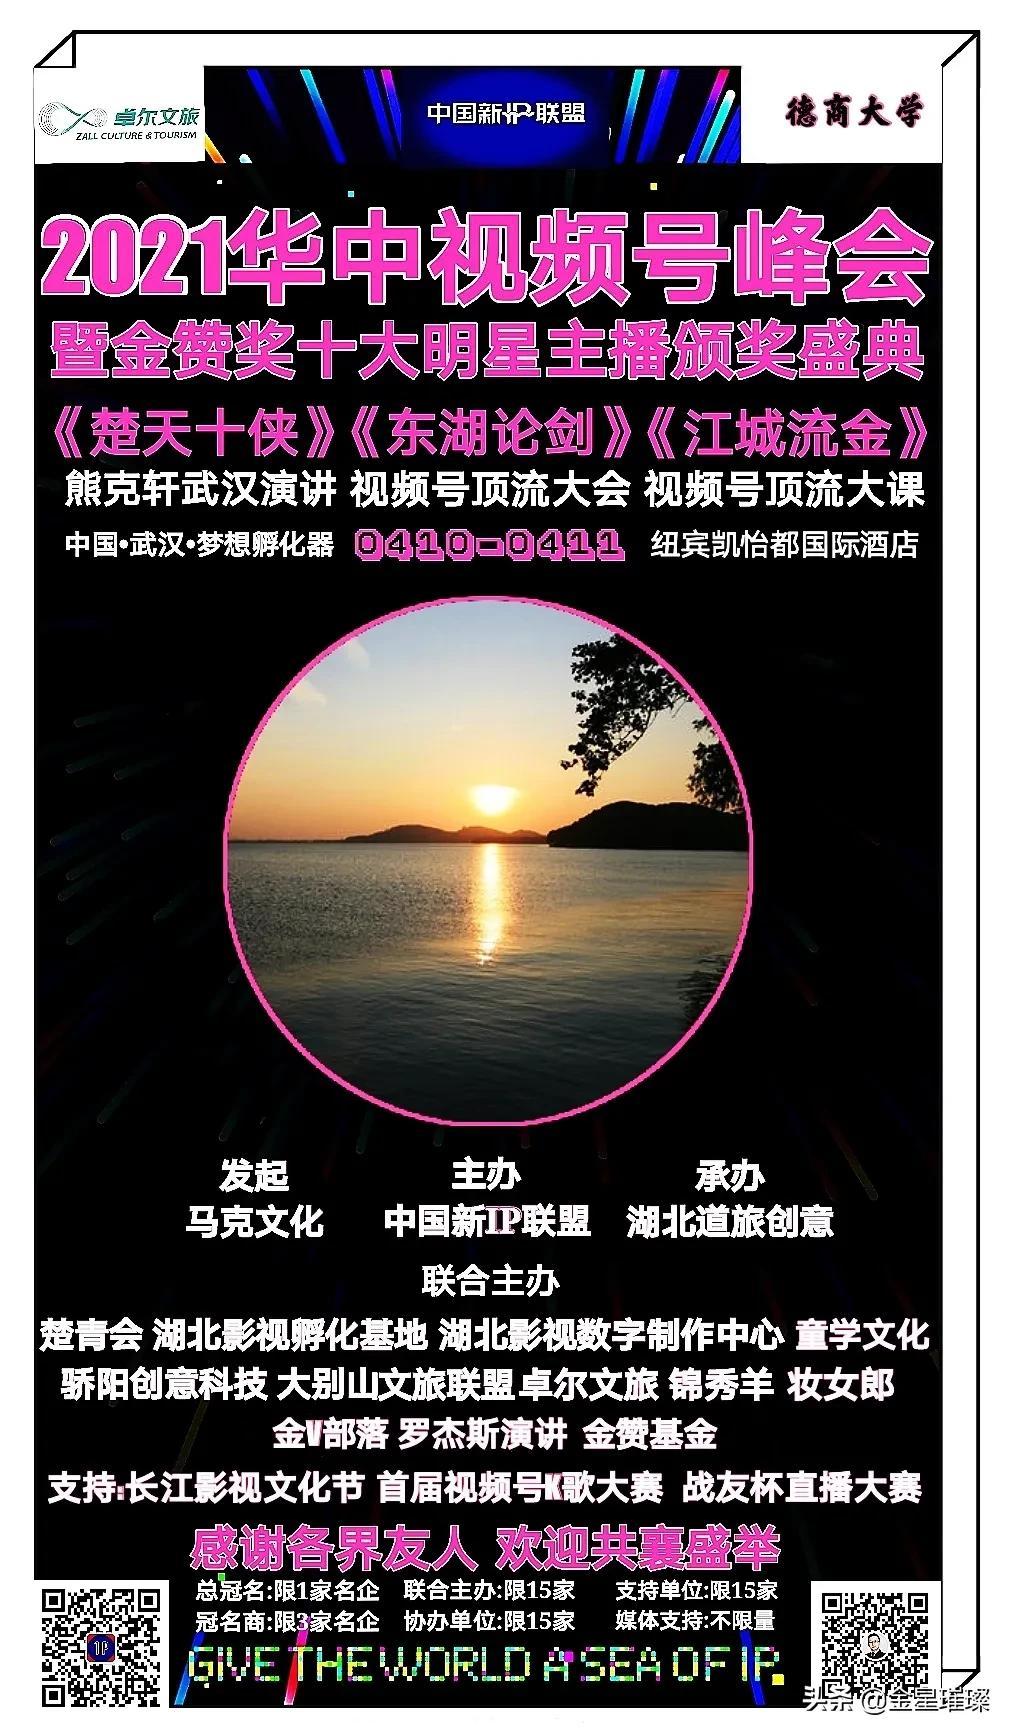 """2021华中视频号峰会""""为武汉点赞为时代发声""""周六在武汉举行"""